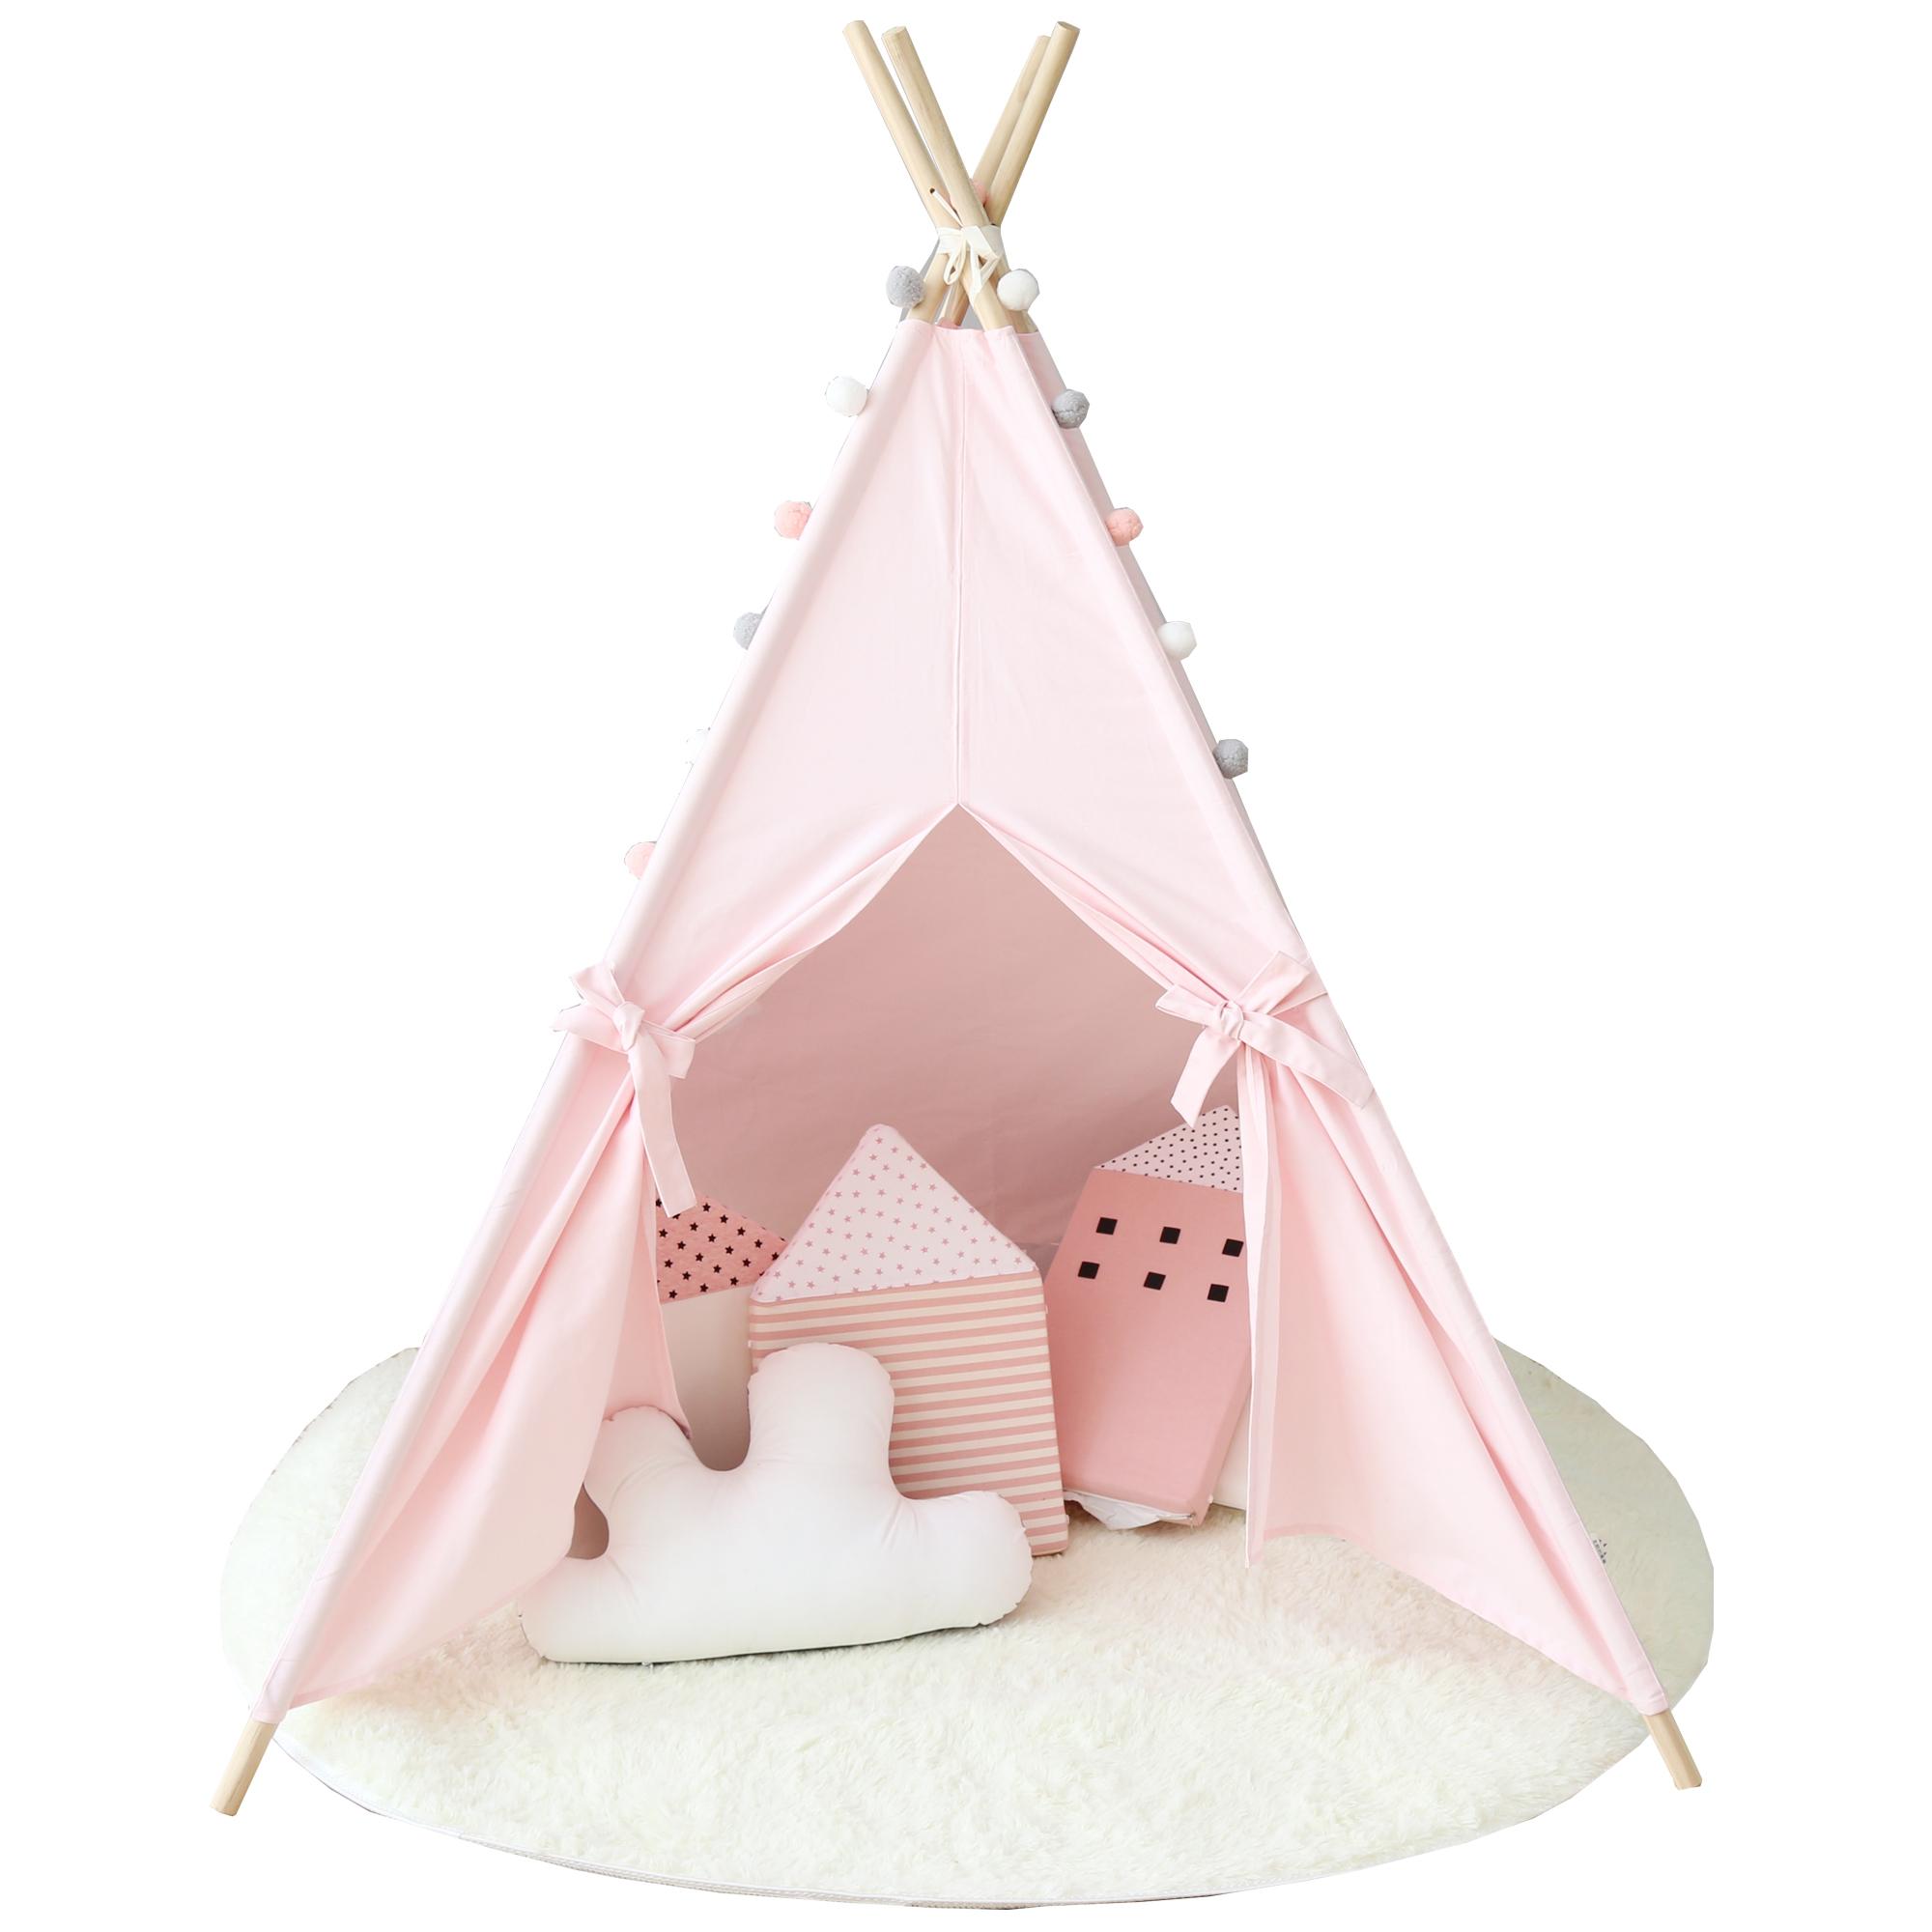 儿童帐篷游戏屋室内小帐篷公主城堡宝宝玩具屋纯棉帆布新年礼物